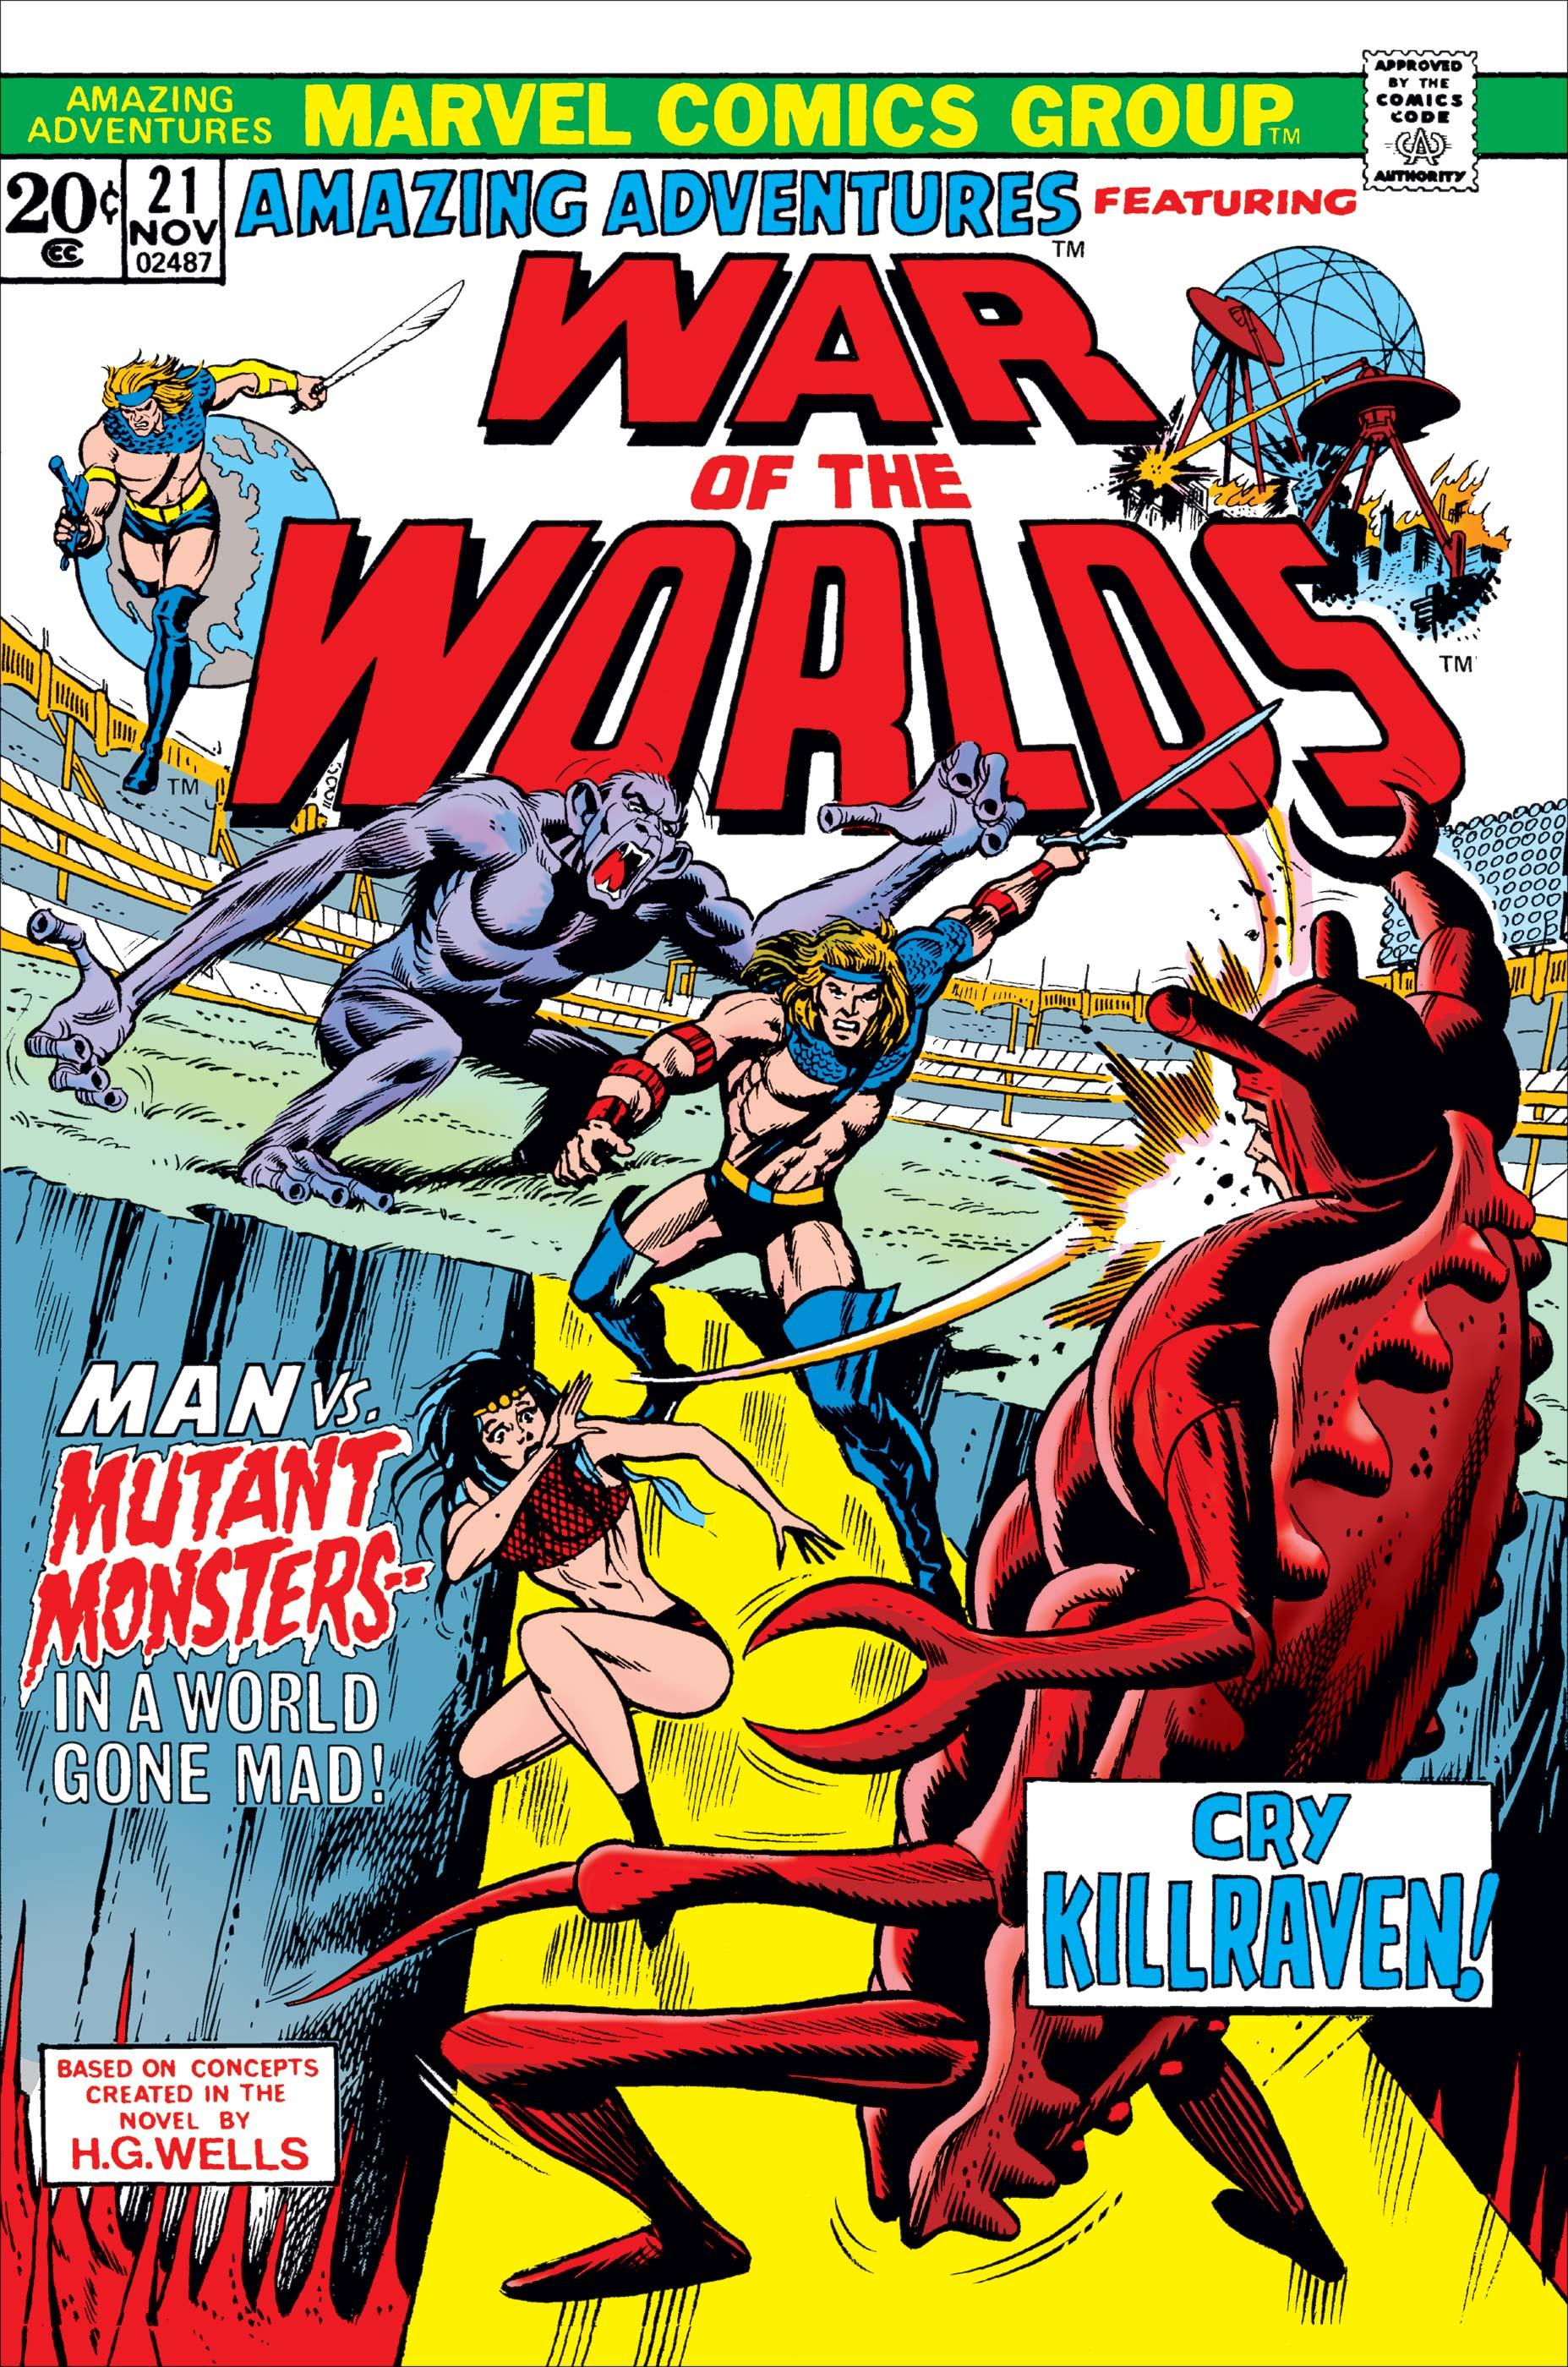 Amazing Adventures (1970) #21